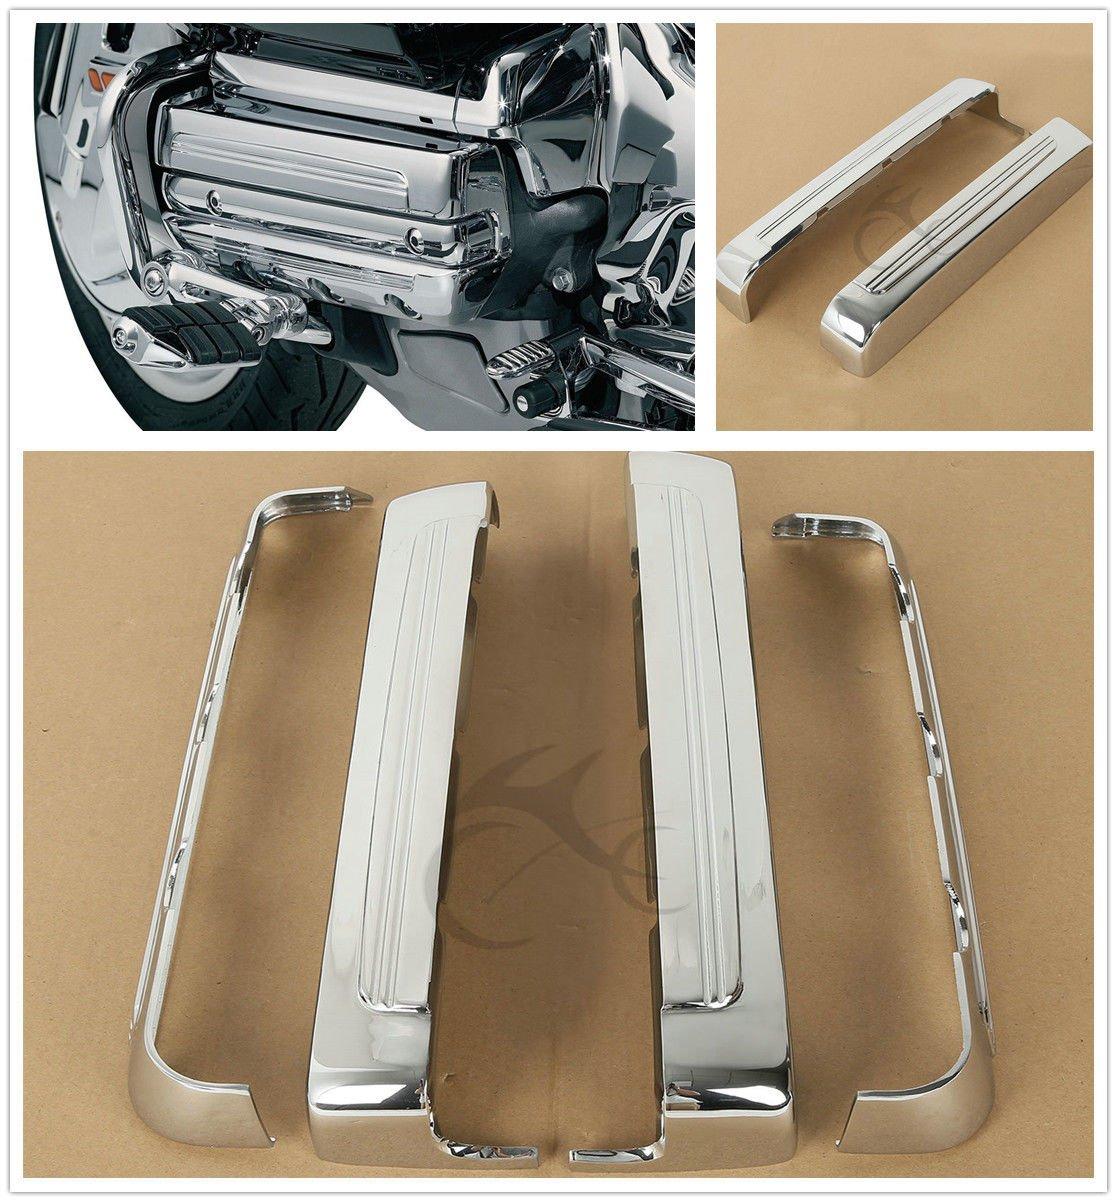 TCMT Chrome Lightning Valve Cover Set Chrome Fits For Honda GL1800 Gold Wing 2001-2016